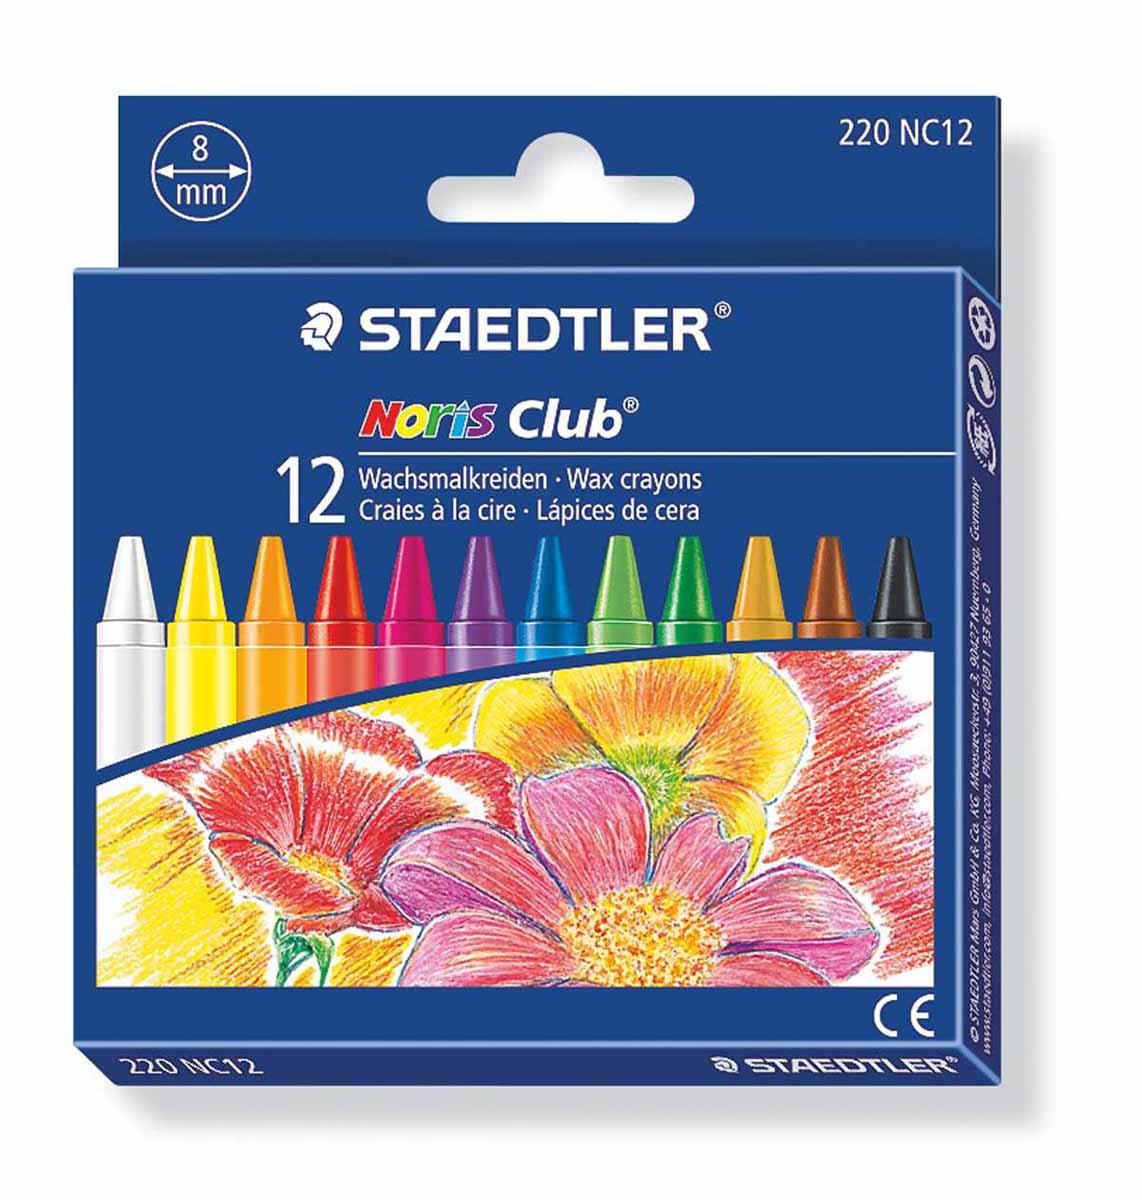 Staedtler Набор восковых мелков Noris Club 12 цветов staedtler staedtler цветные карандаши noris club утолщенные 10 цветов